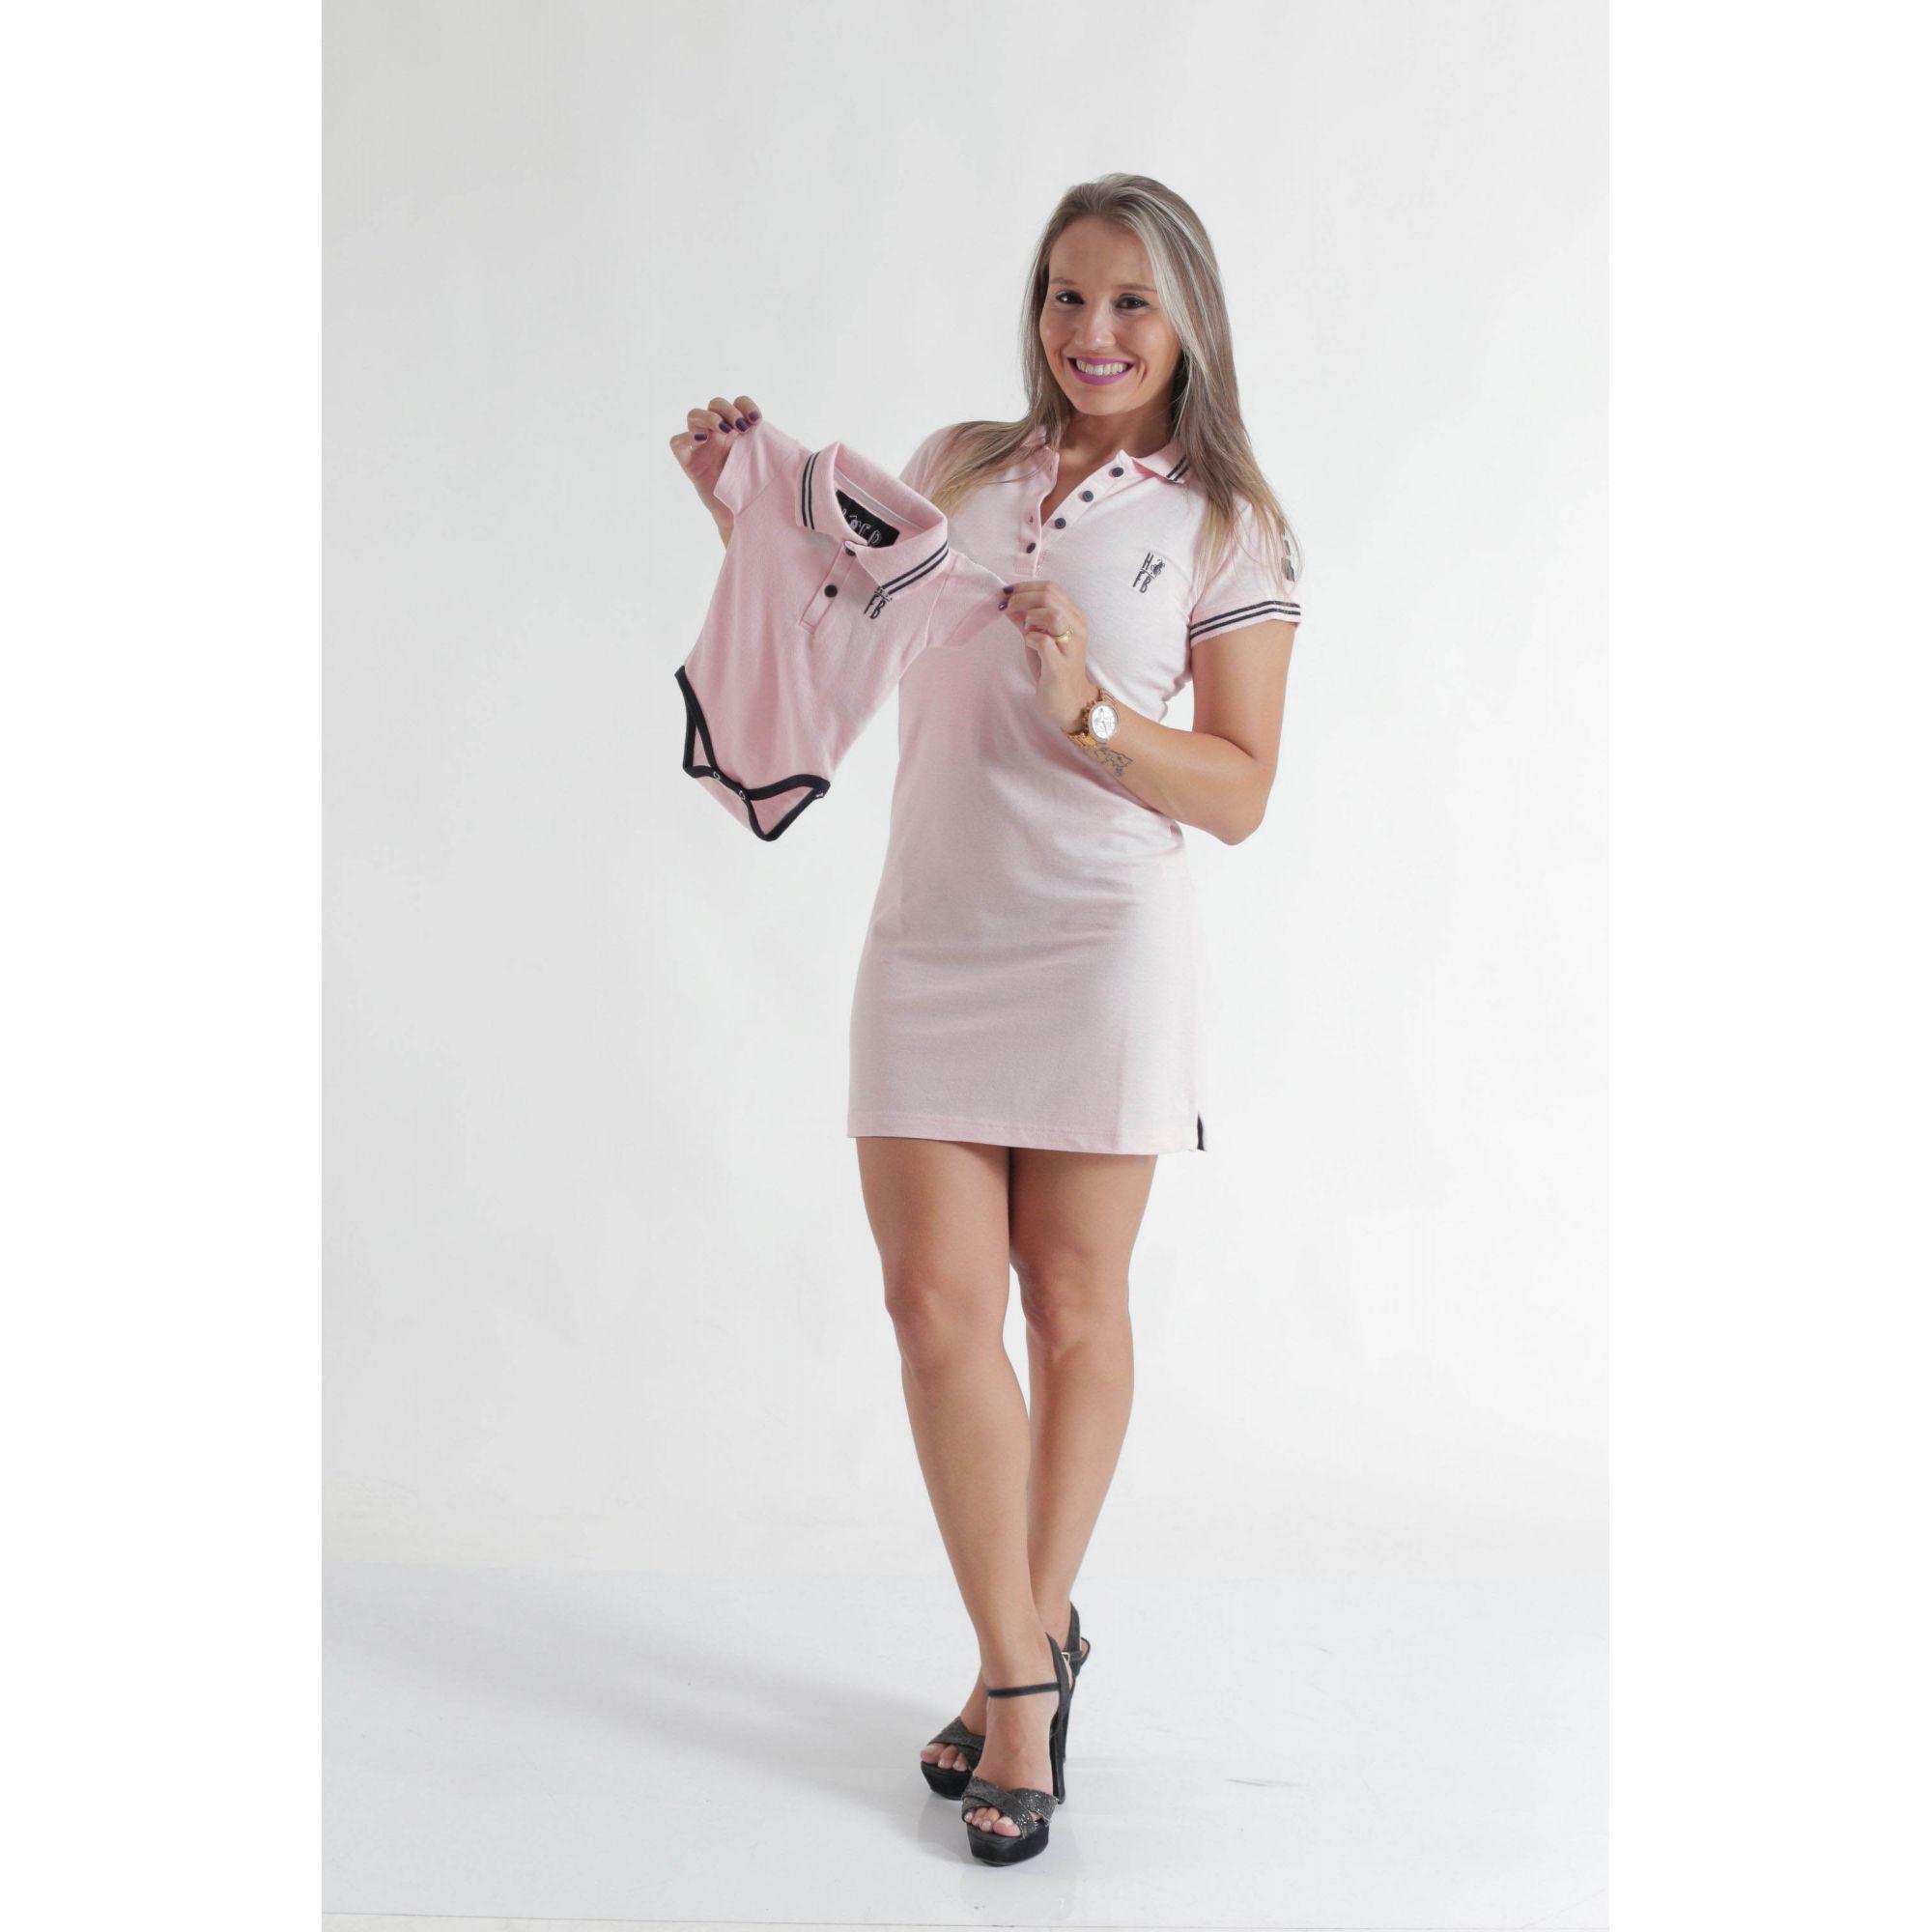 MÃE E FILHO > Kit 02 peças Vestido e Camisa ou Body Polo Rosa Amor [Coleção Tal Mãe Tal Filho]  - Heitor Fashion Brazil